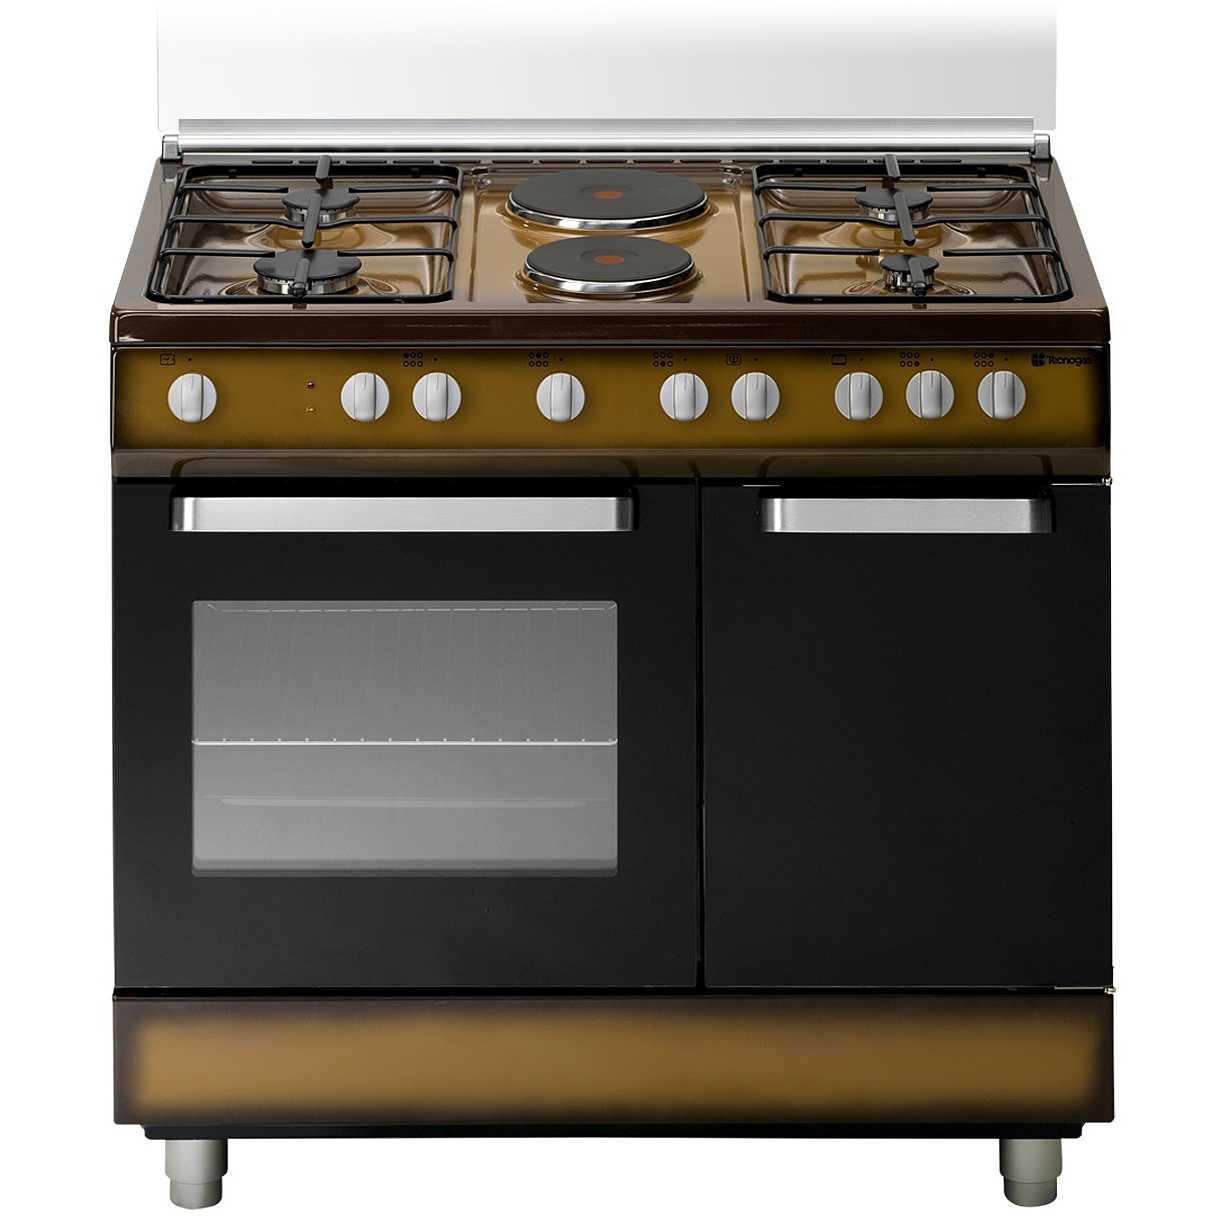 Tecnogas d923cs cucina 90x60 4 fuochi a gas 2 piastre - Cucine con piastre elettriche ...